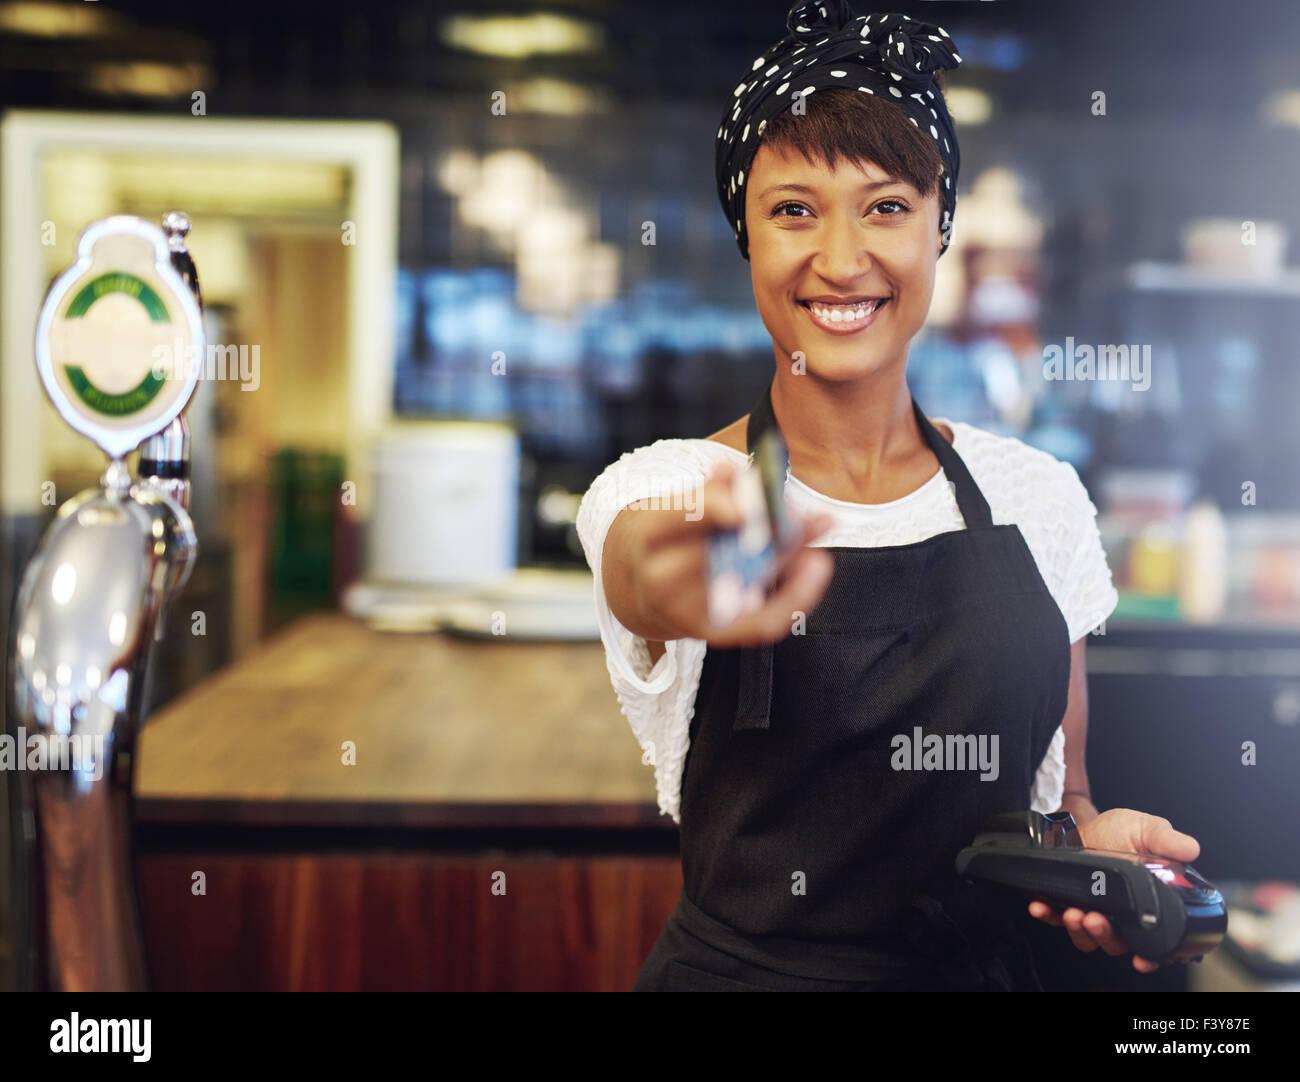 Belle vivacité young African American bar offre la restitution d'une carte bancaire après paiement Photo Stock